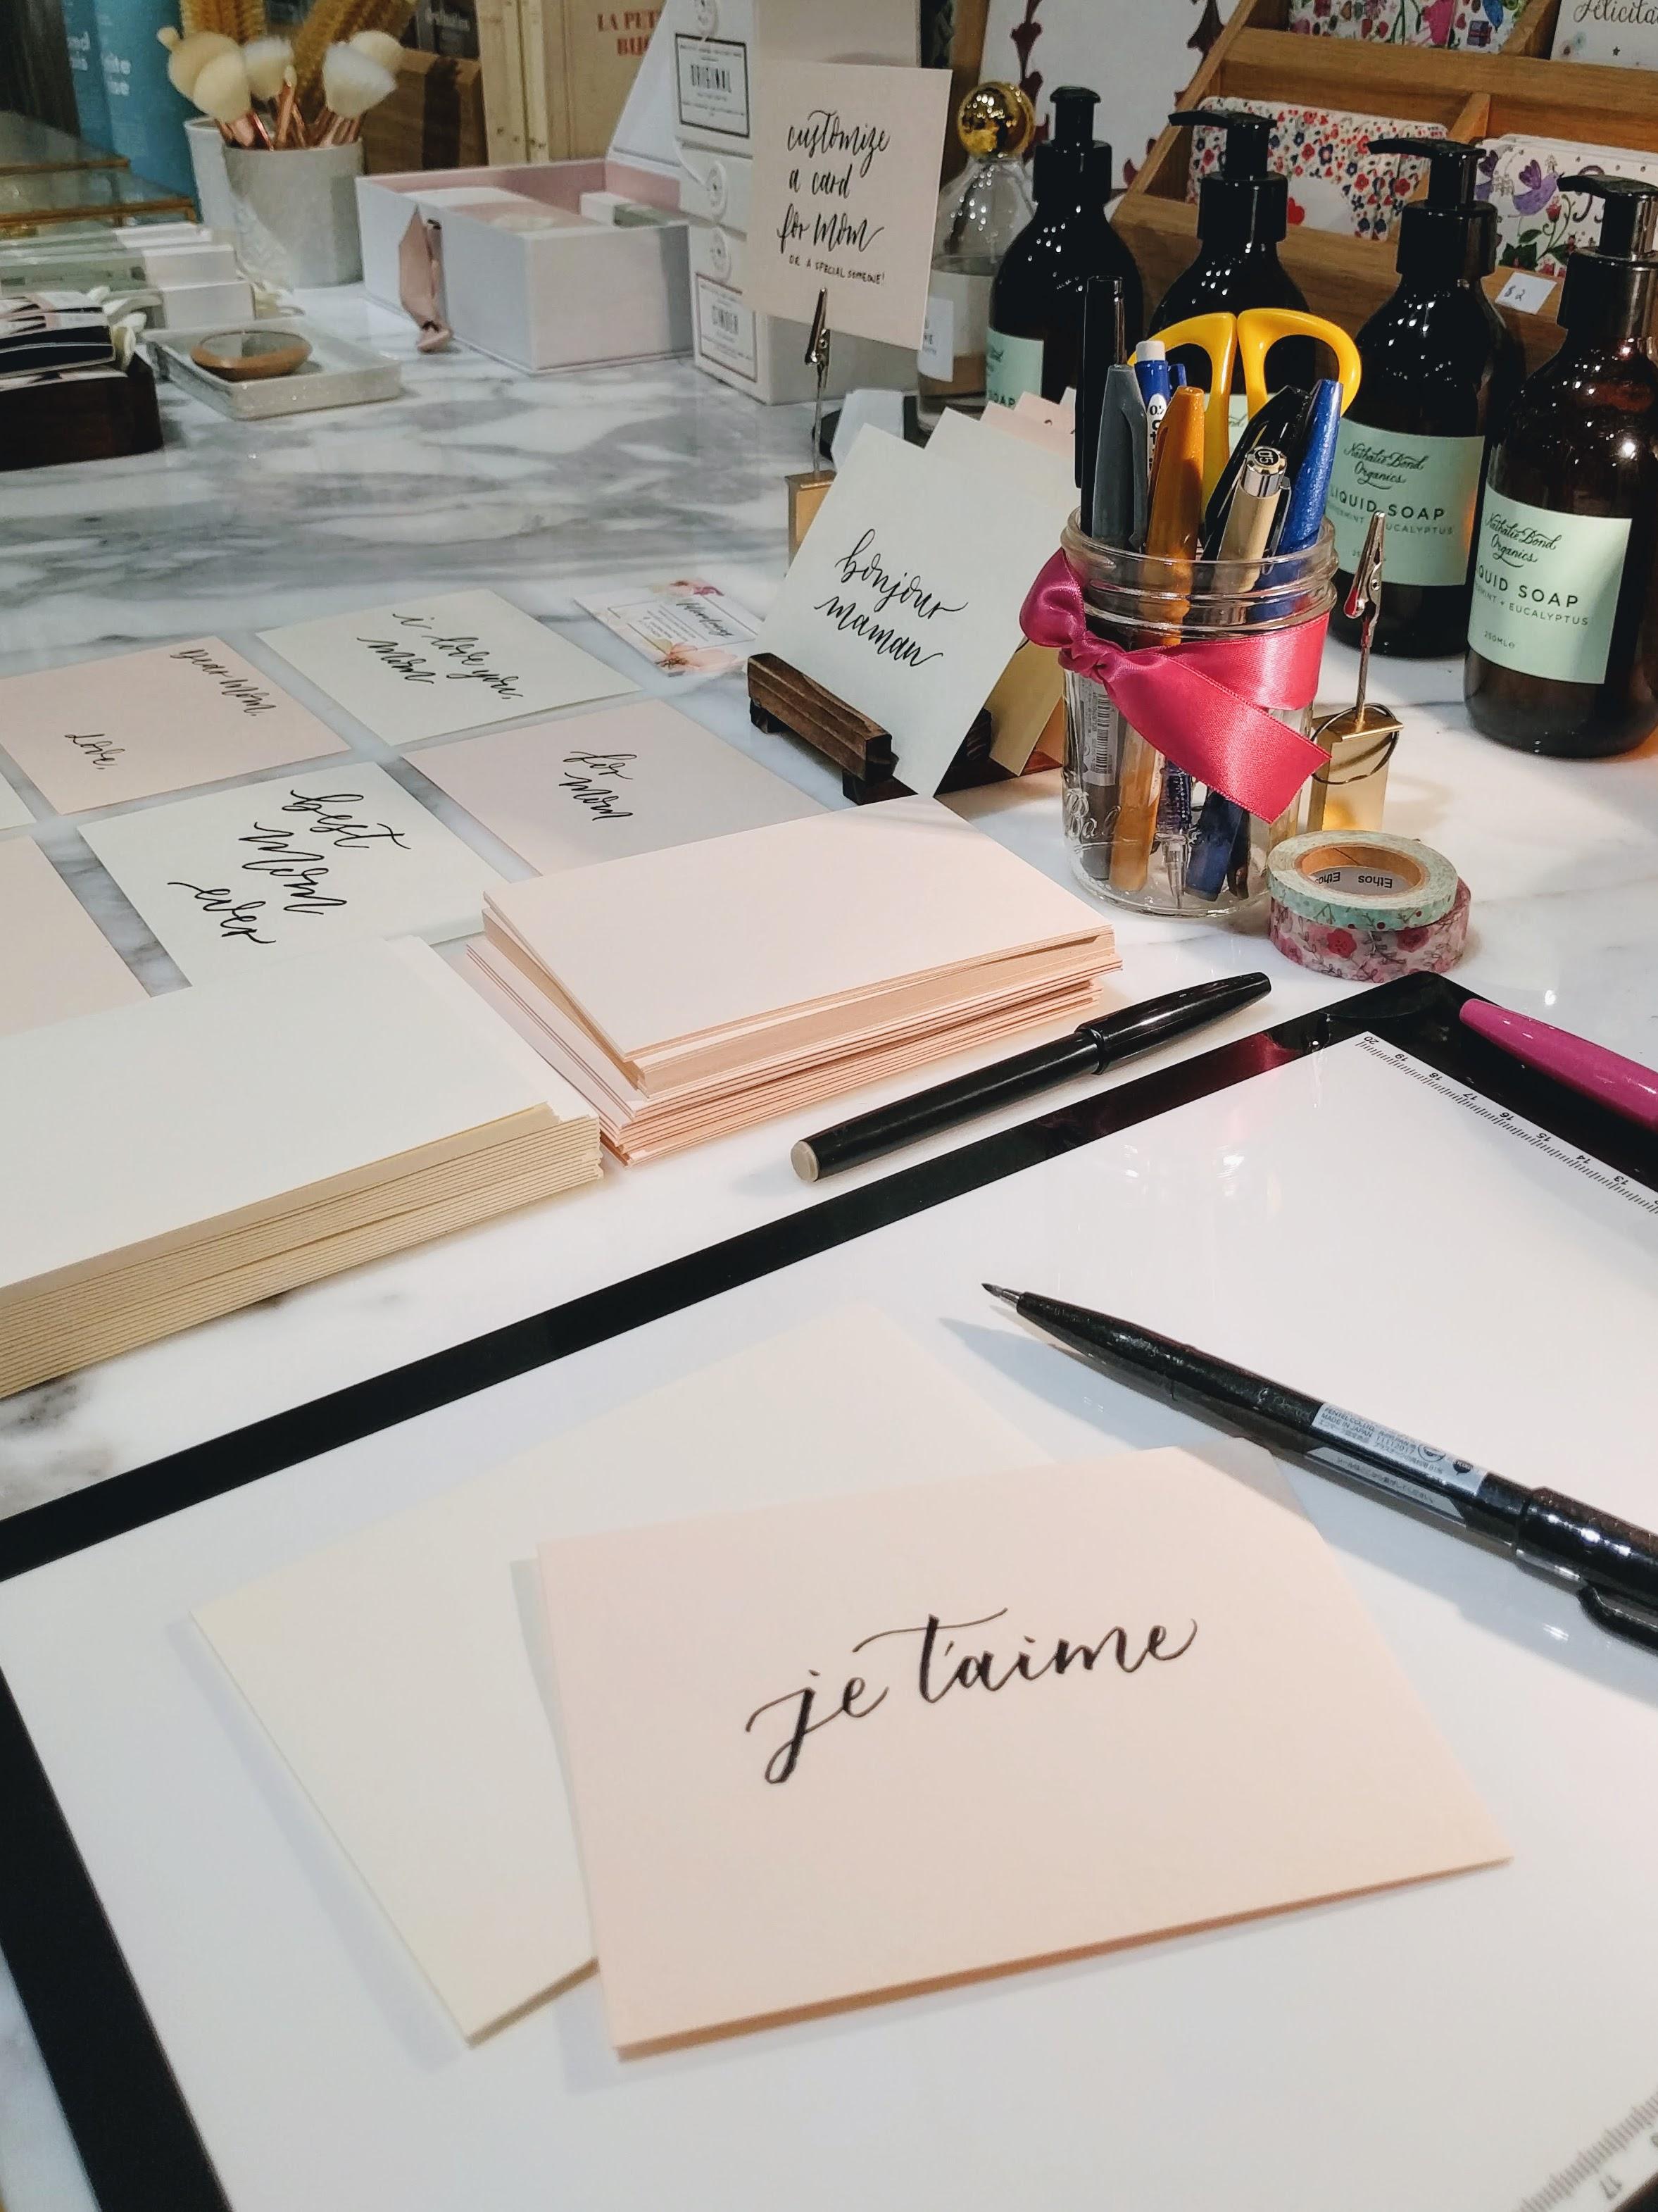 calligraphy-sezane-nyc-4.jpg